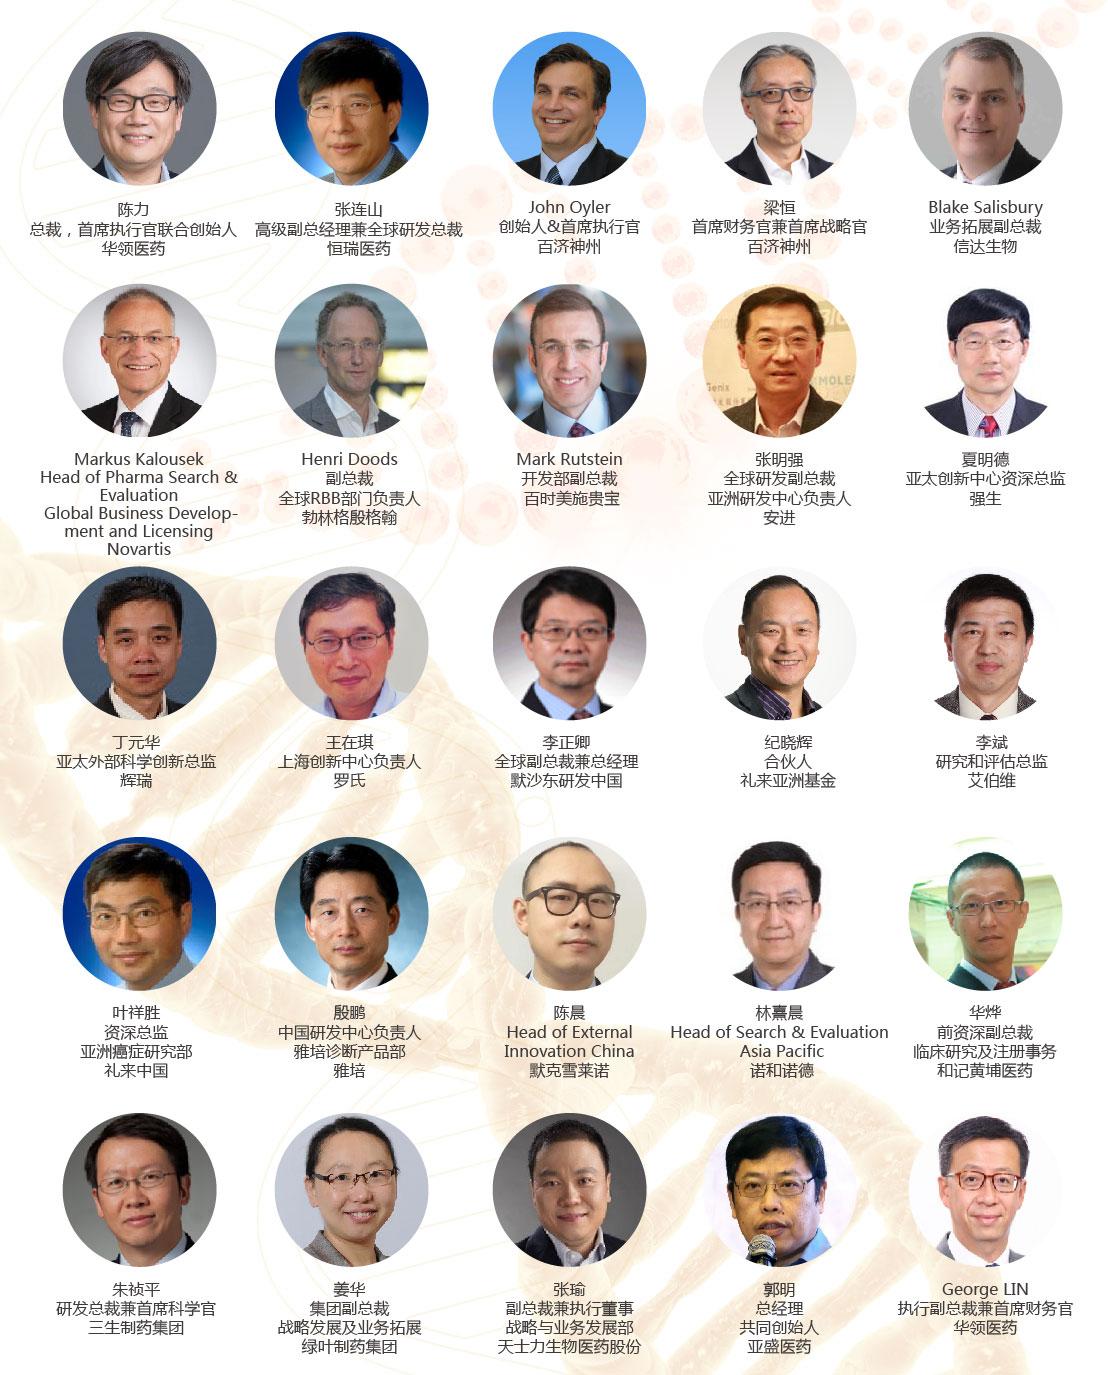 第九届亚洲医药研发领袖峰会